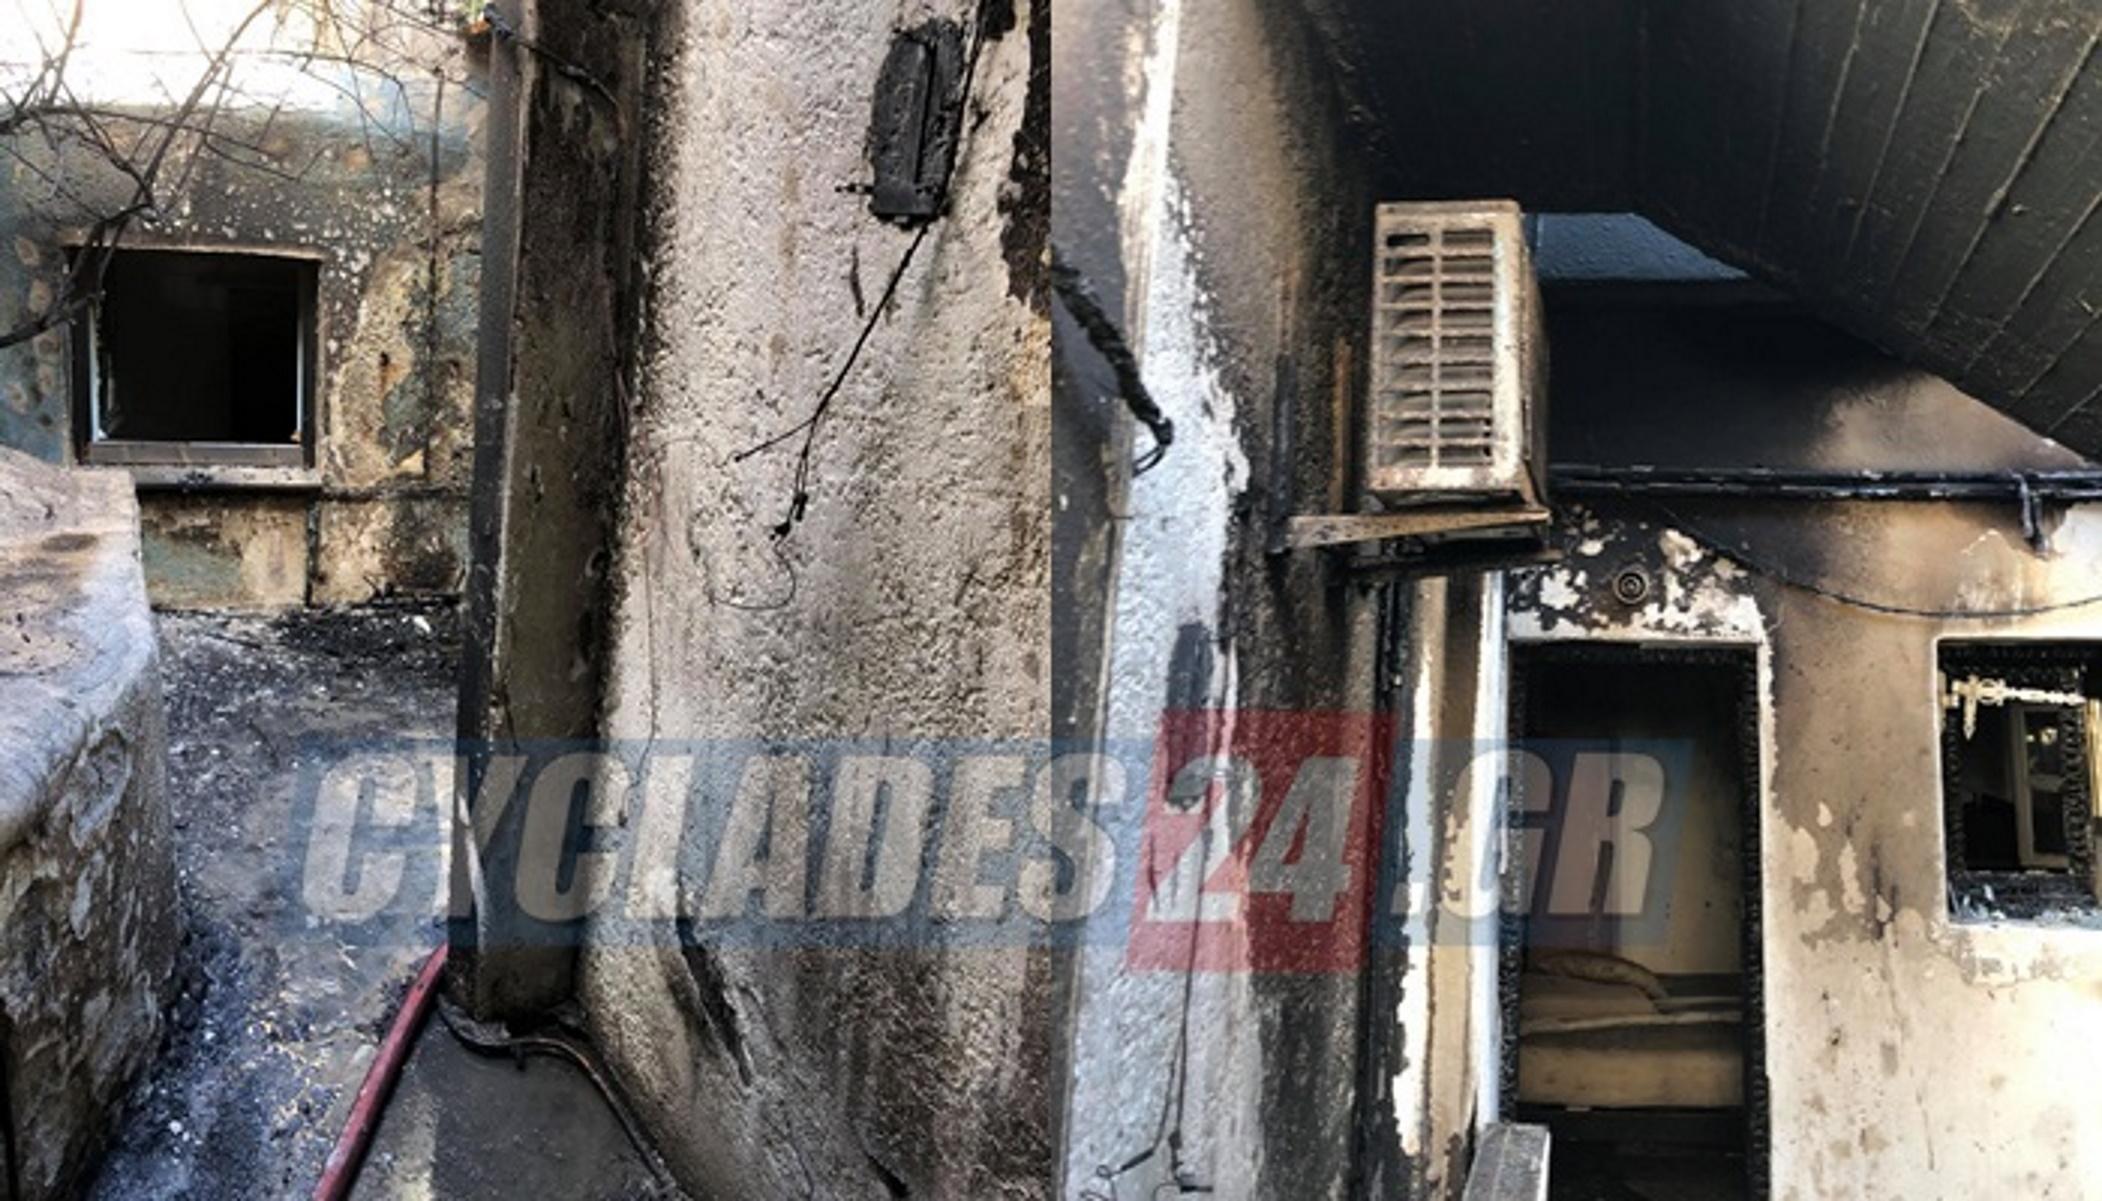 Φωτιά στη Μύκονο: Καταστράφηκε ολοσχερώς συγκρότημα κατοικιών (video)